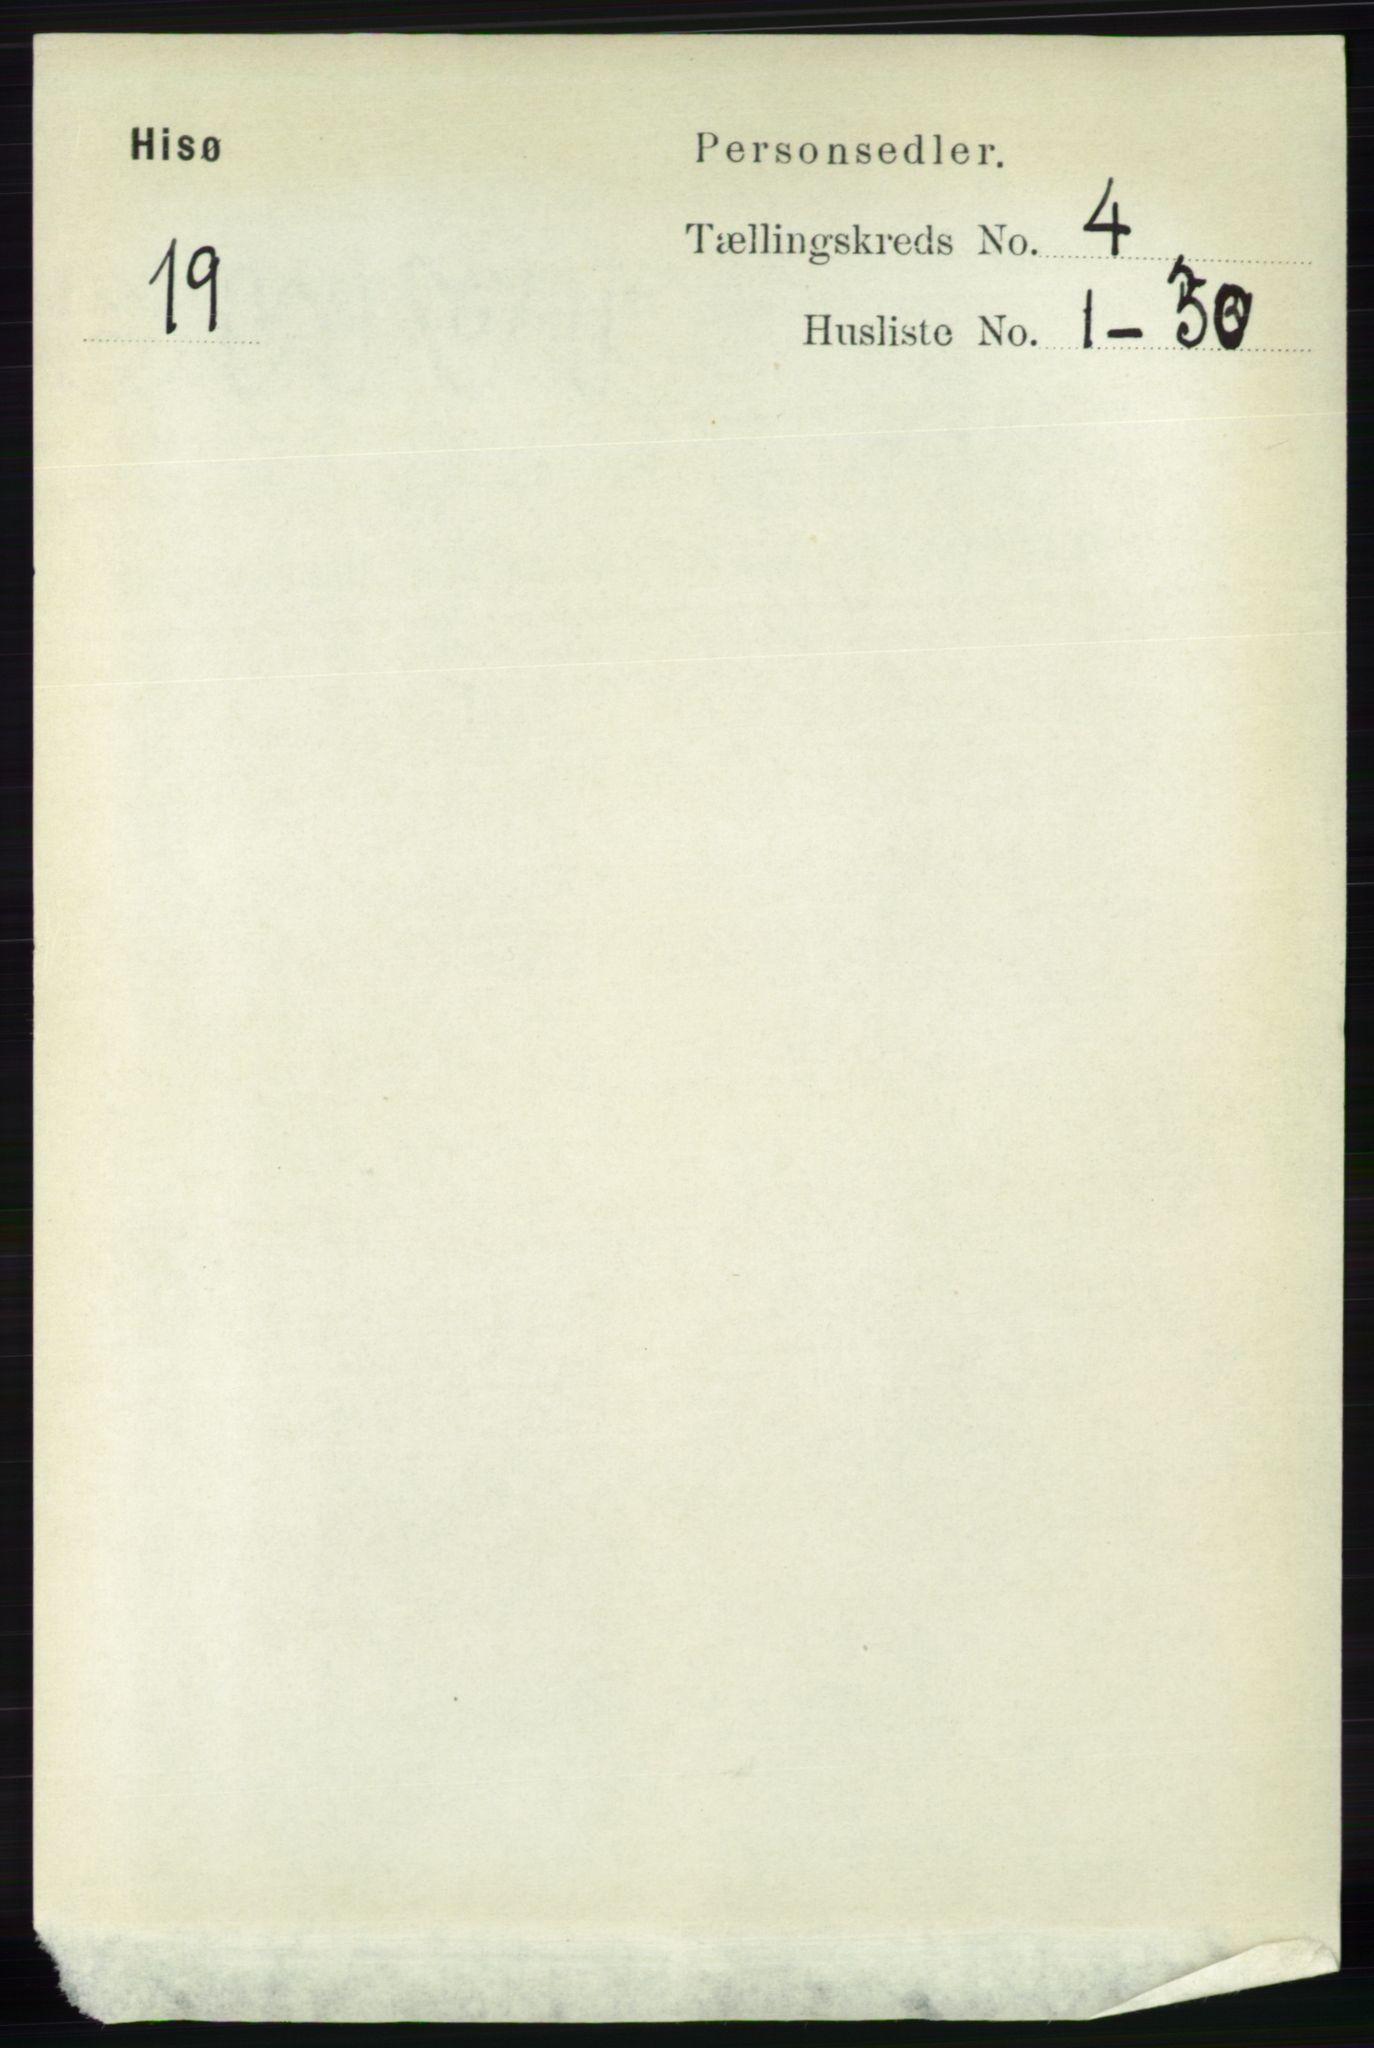 RA, Folketelling 1891 for 0922 Hisøy herred, 1891, s. 3308